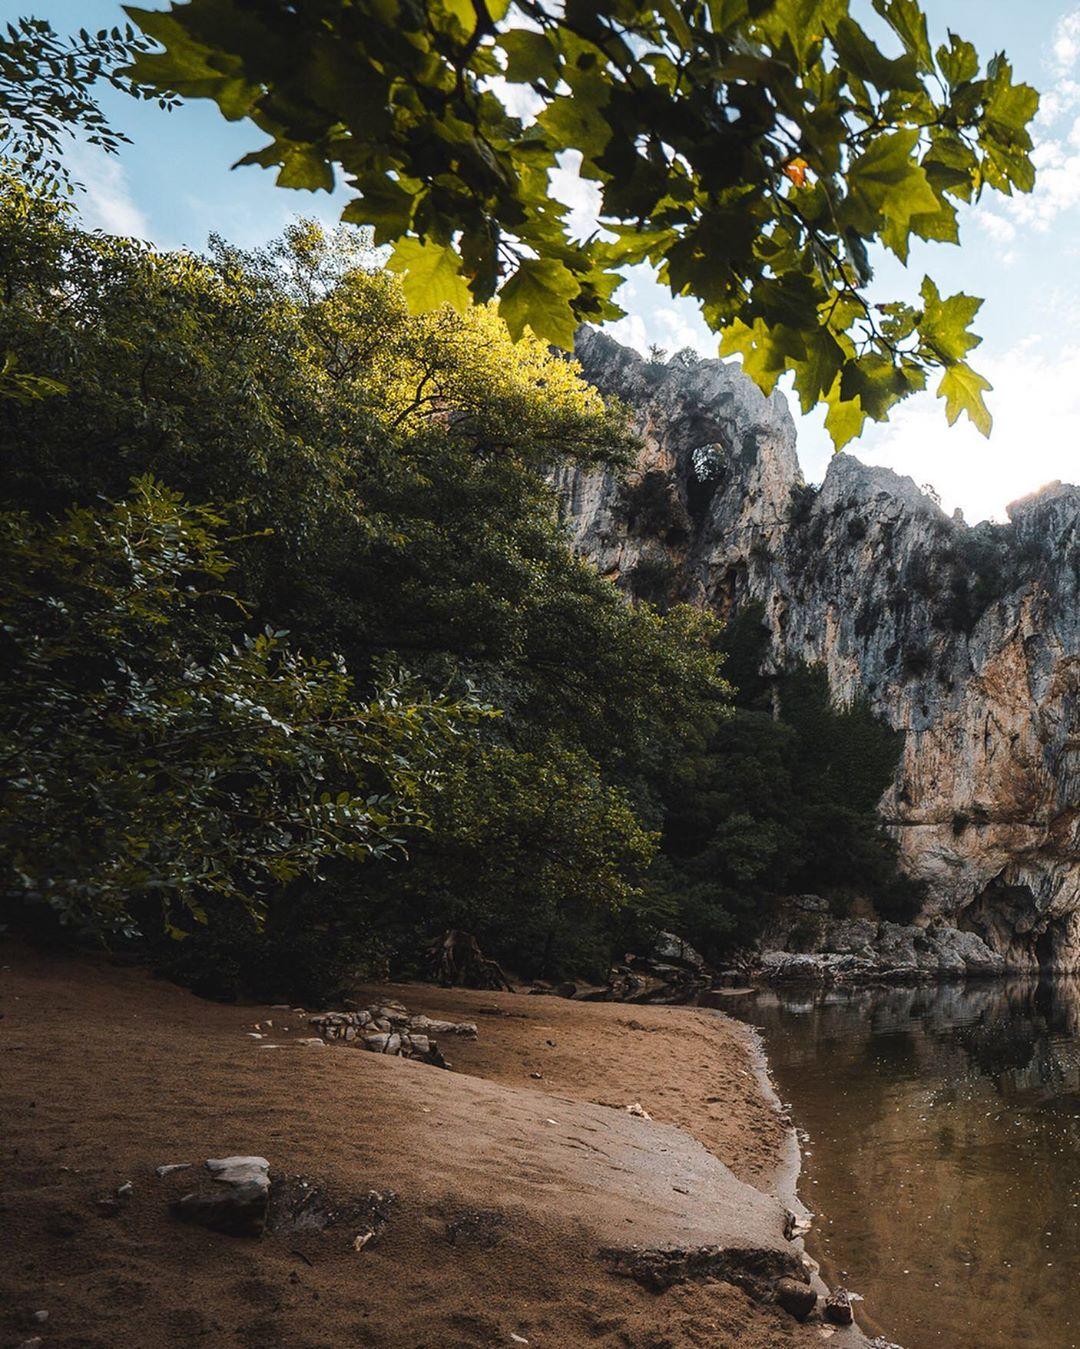 Природа и приключения на снимках Людовика Фремондьера